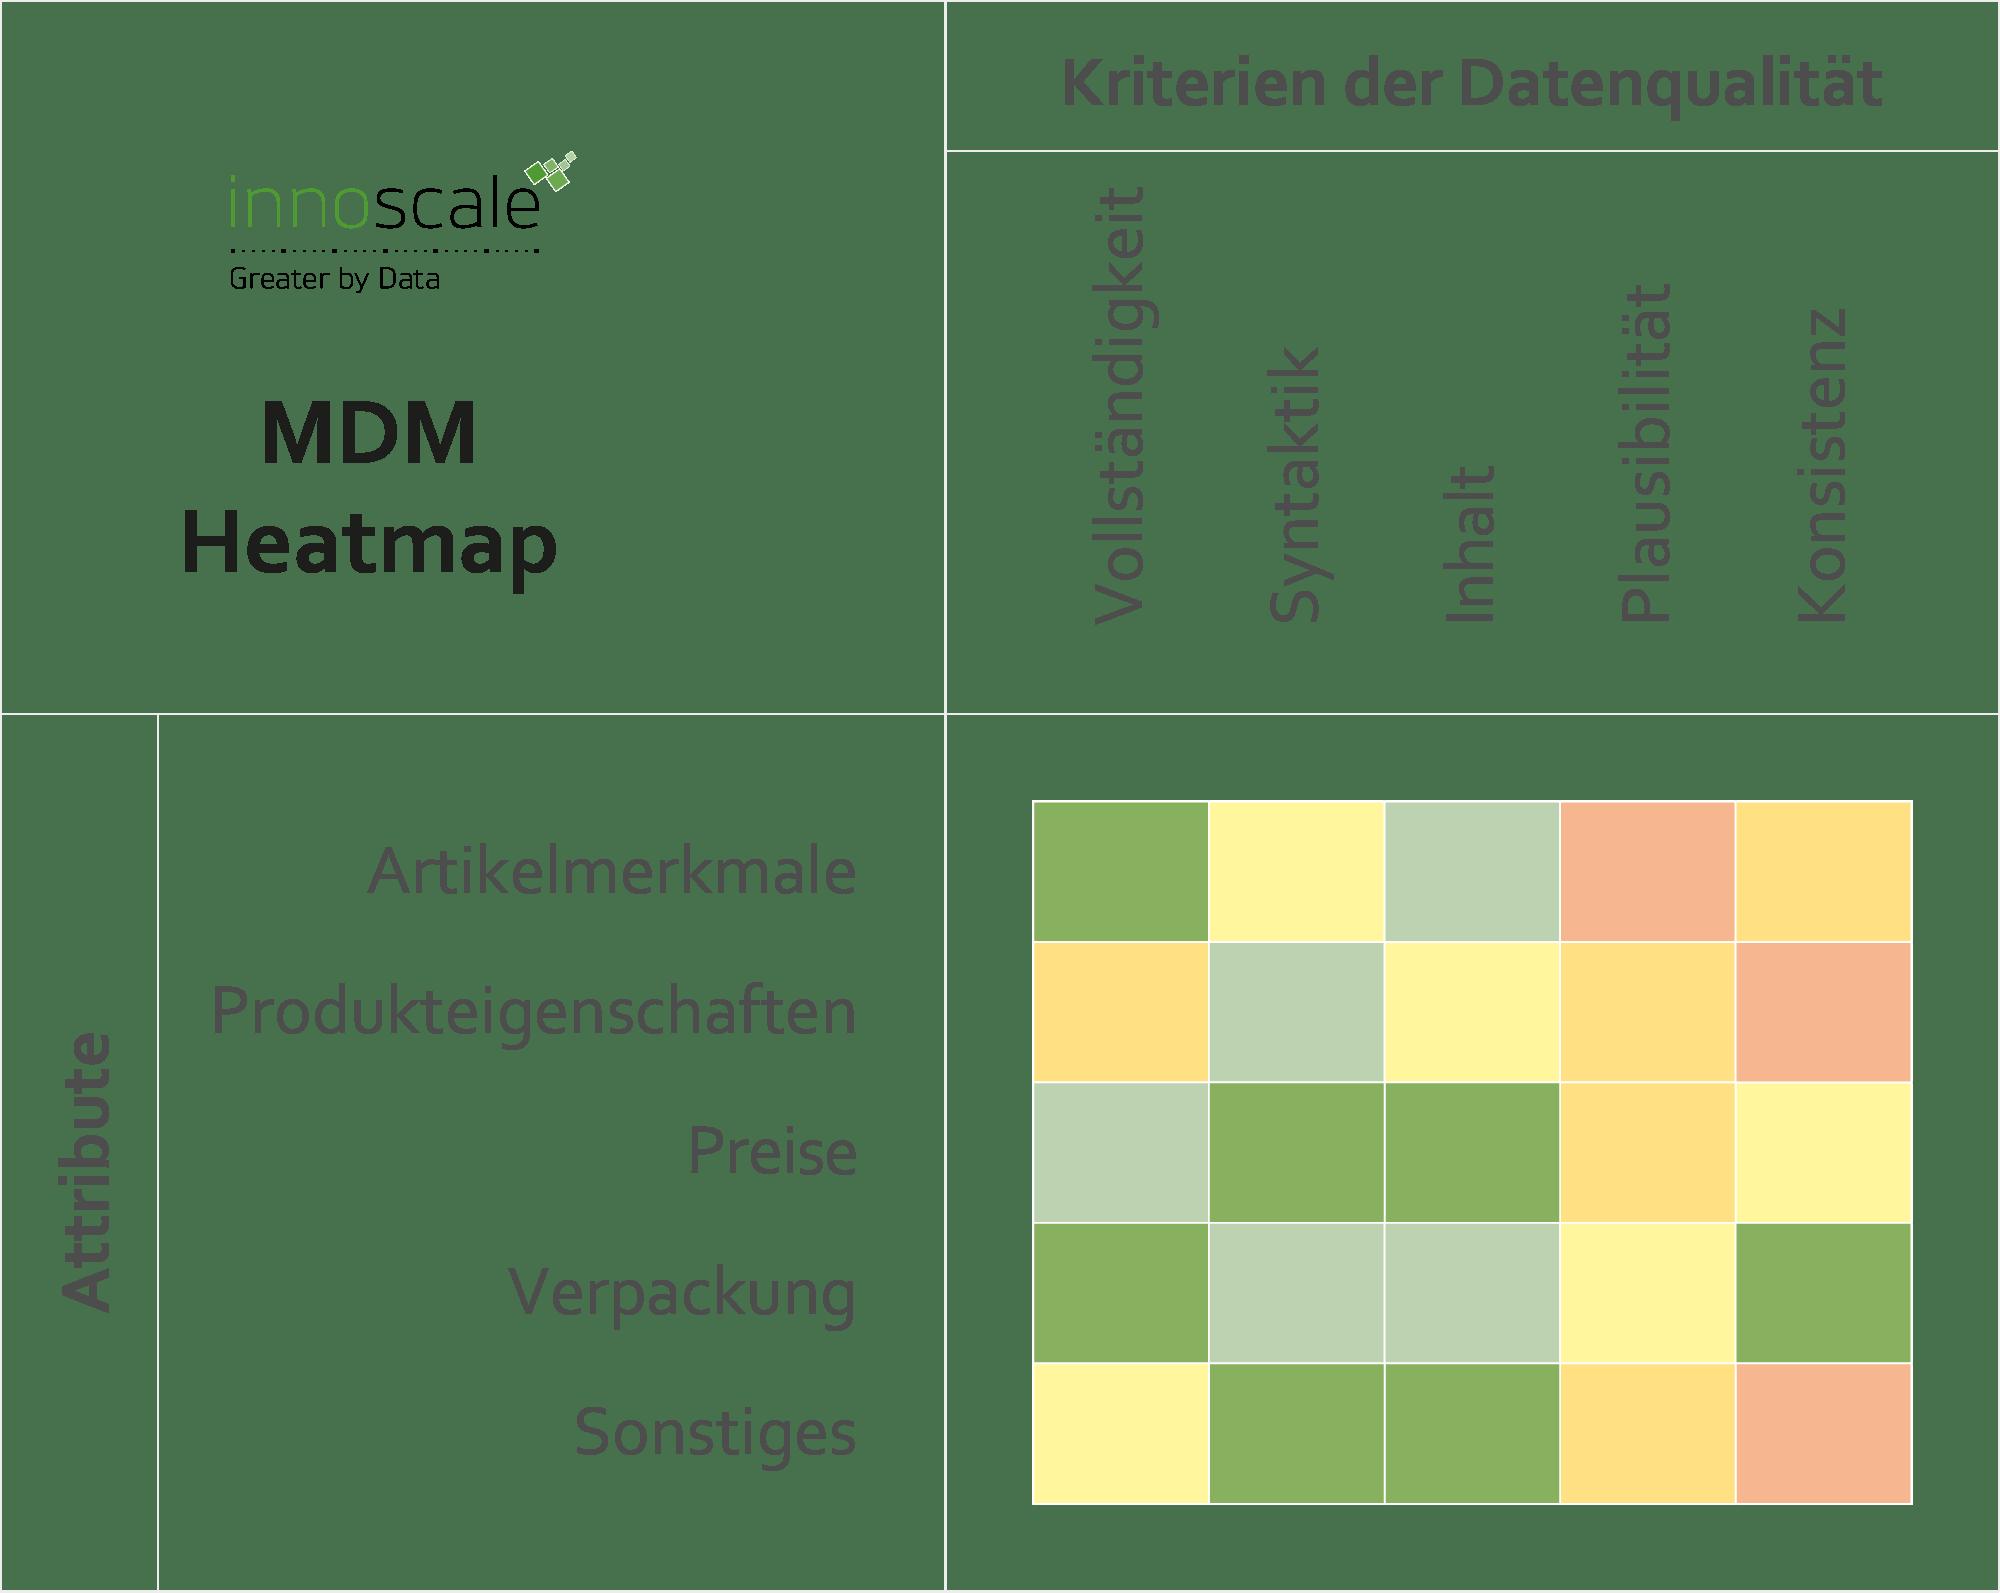 MDM Heatmap von innoscale